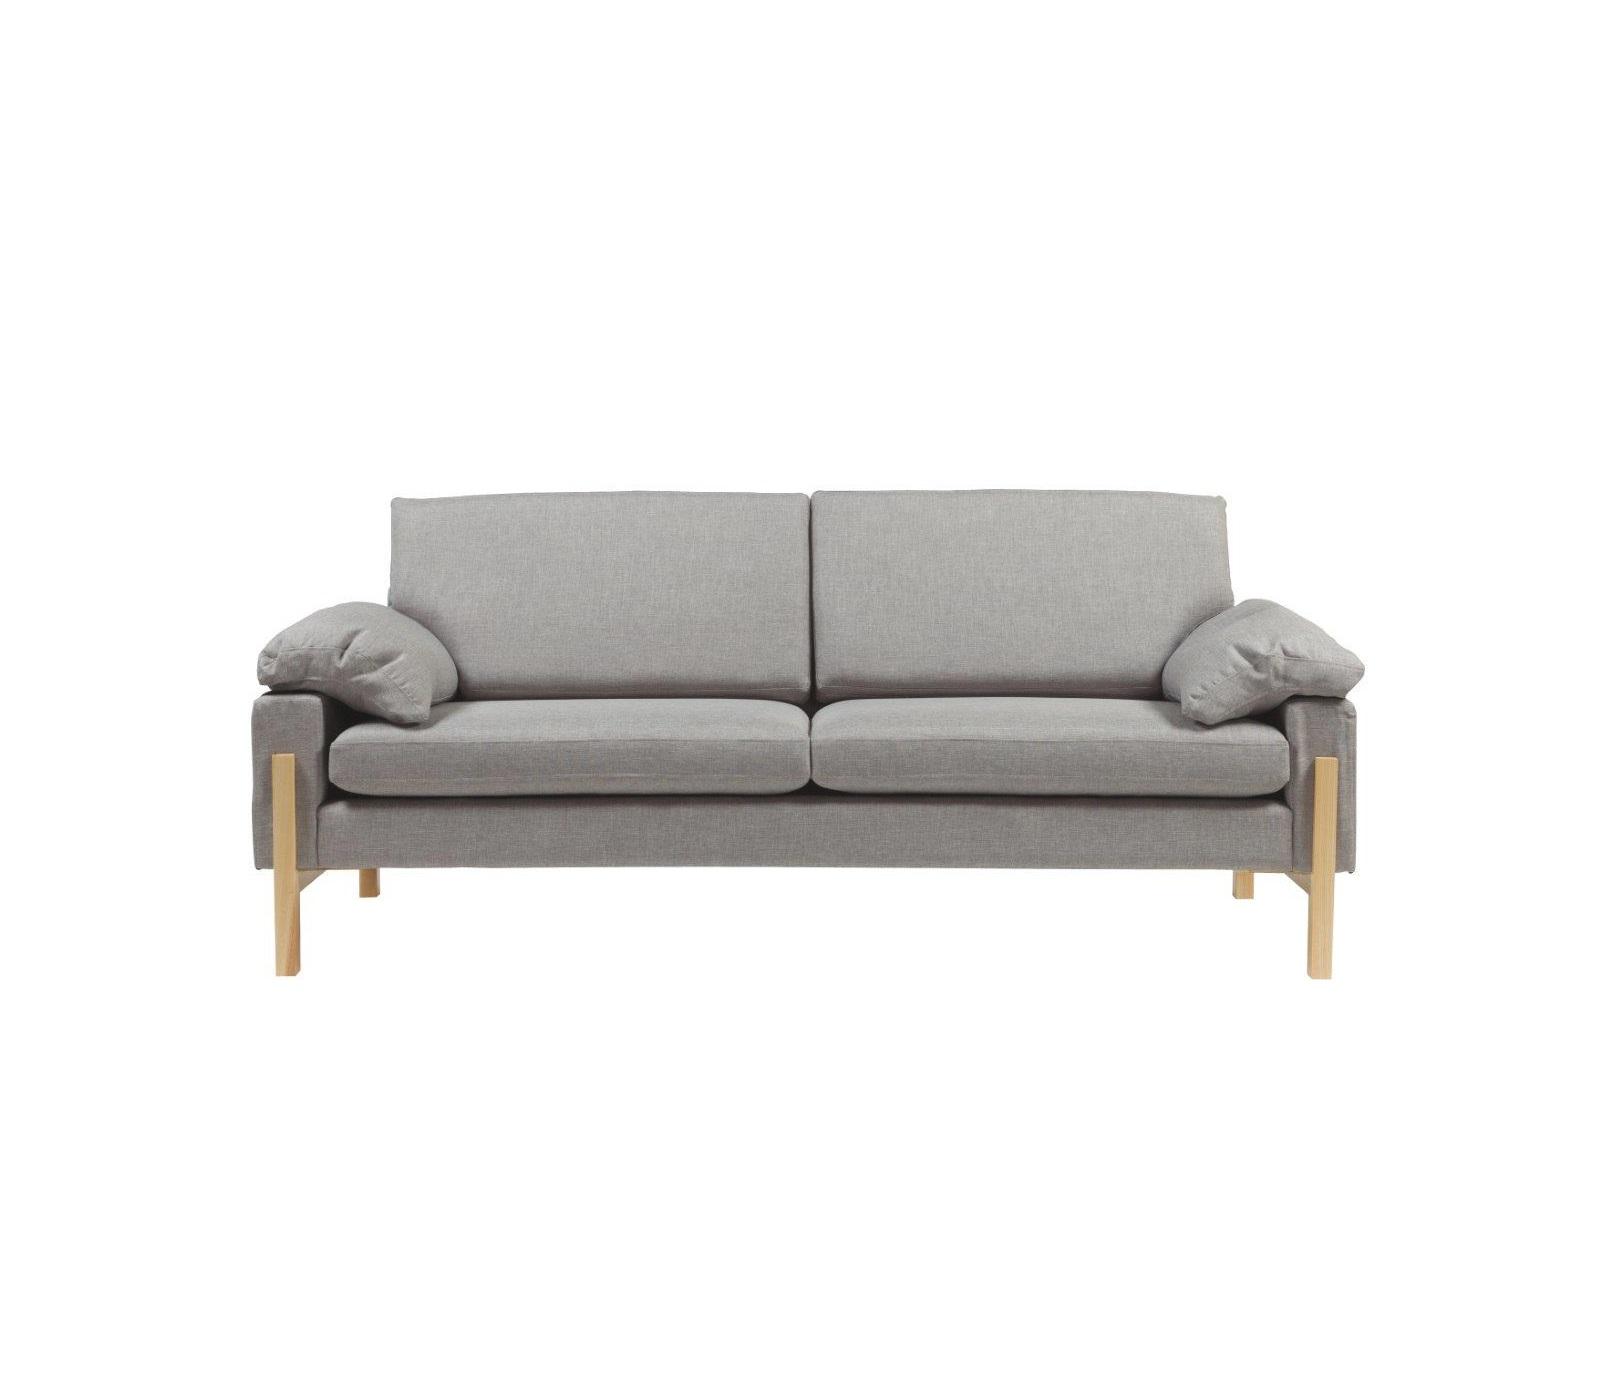 Диван ComoТрехместные диваны<br>Изысканный диван Como Sofa станет превосходным украшением вашей гостиной или любой другой комнаты дома. Цветовое и дизайнерское решение позволяют такому предмету мебели украсить собой как классический, так и современный интерьер, а, благодаря небольшим размерам, диван не будет делать комнату громоздкой и даже наоборот — поможет визуально сделать пространство больше. Удобный и мягкий — он непременно вам понравится.<br><br>Material: Текстиль<br>Length см: None<br>Width см: 200<br>Depth см: 85<br>Height см: 80